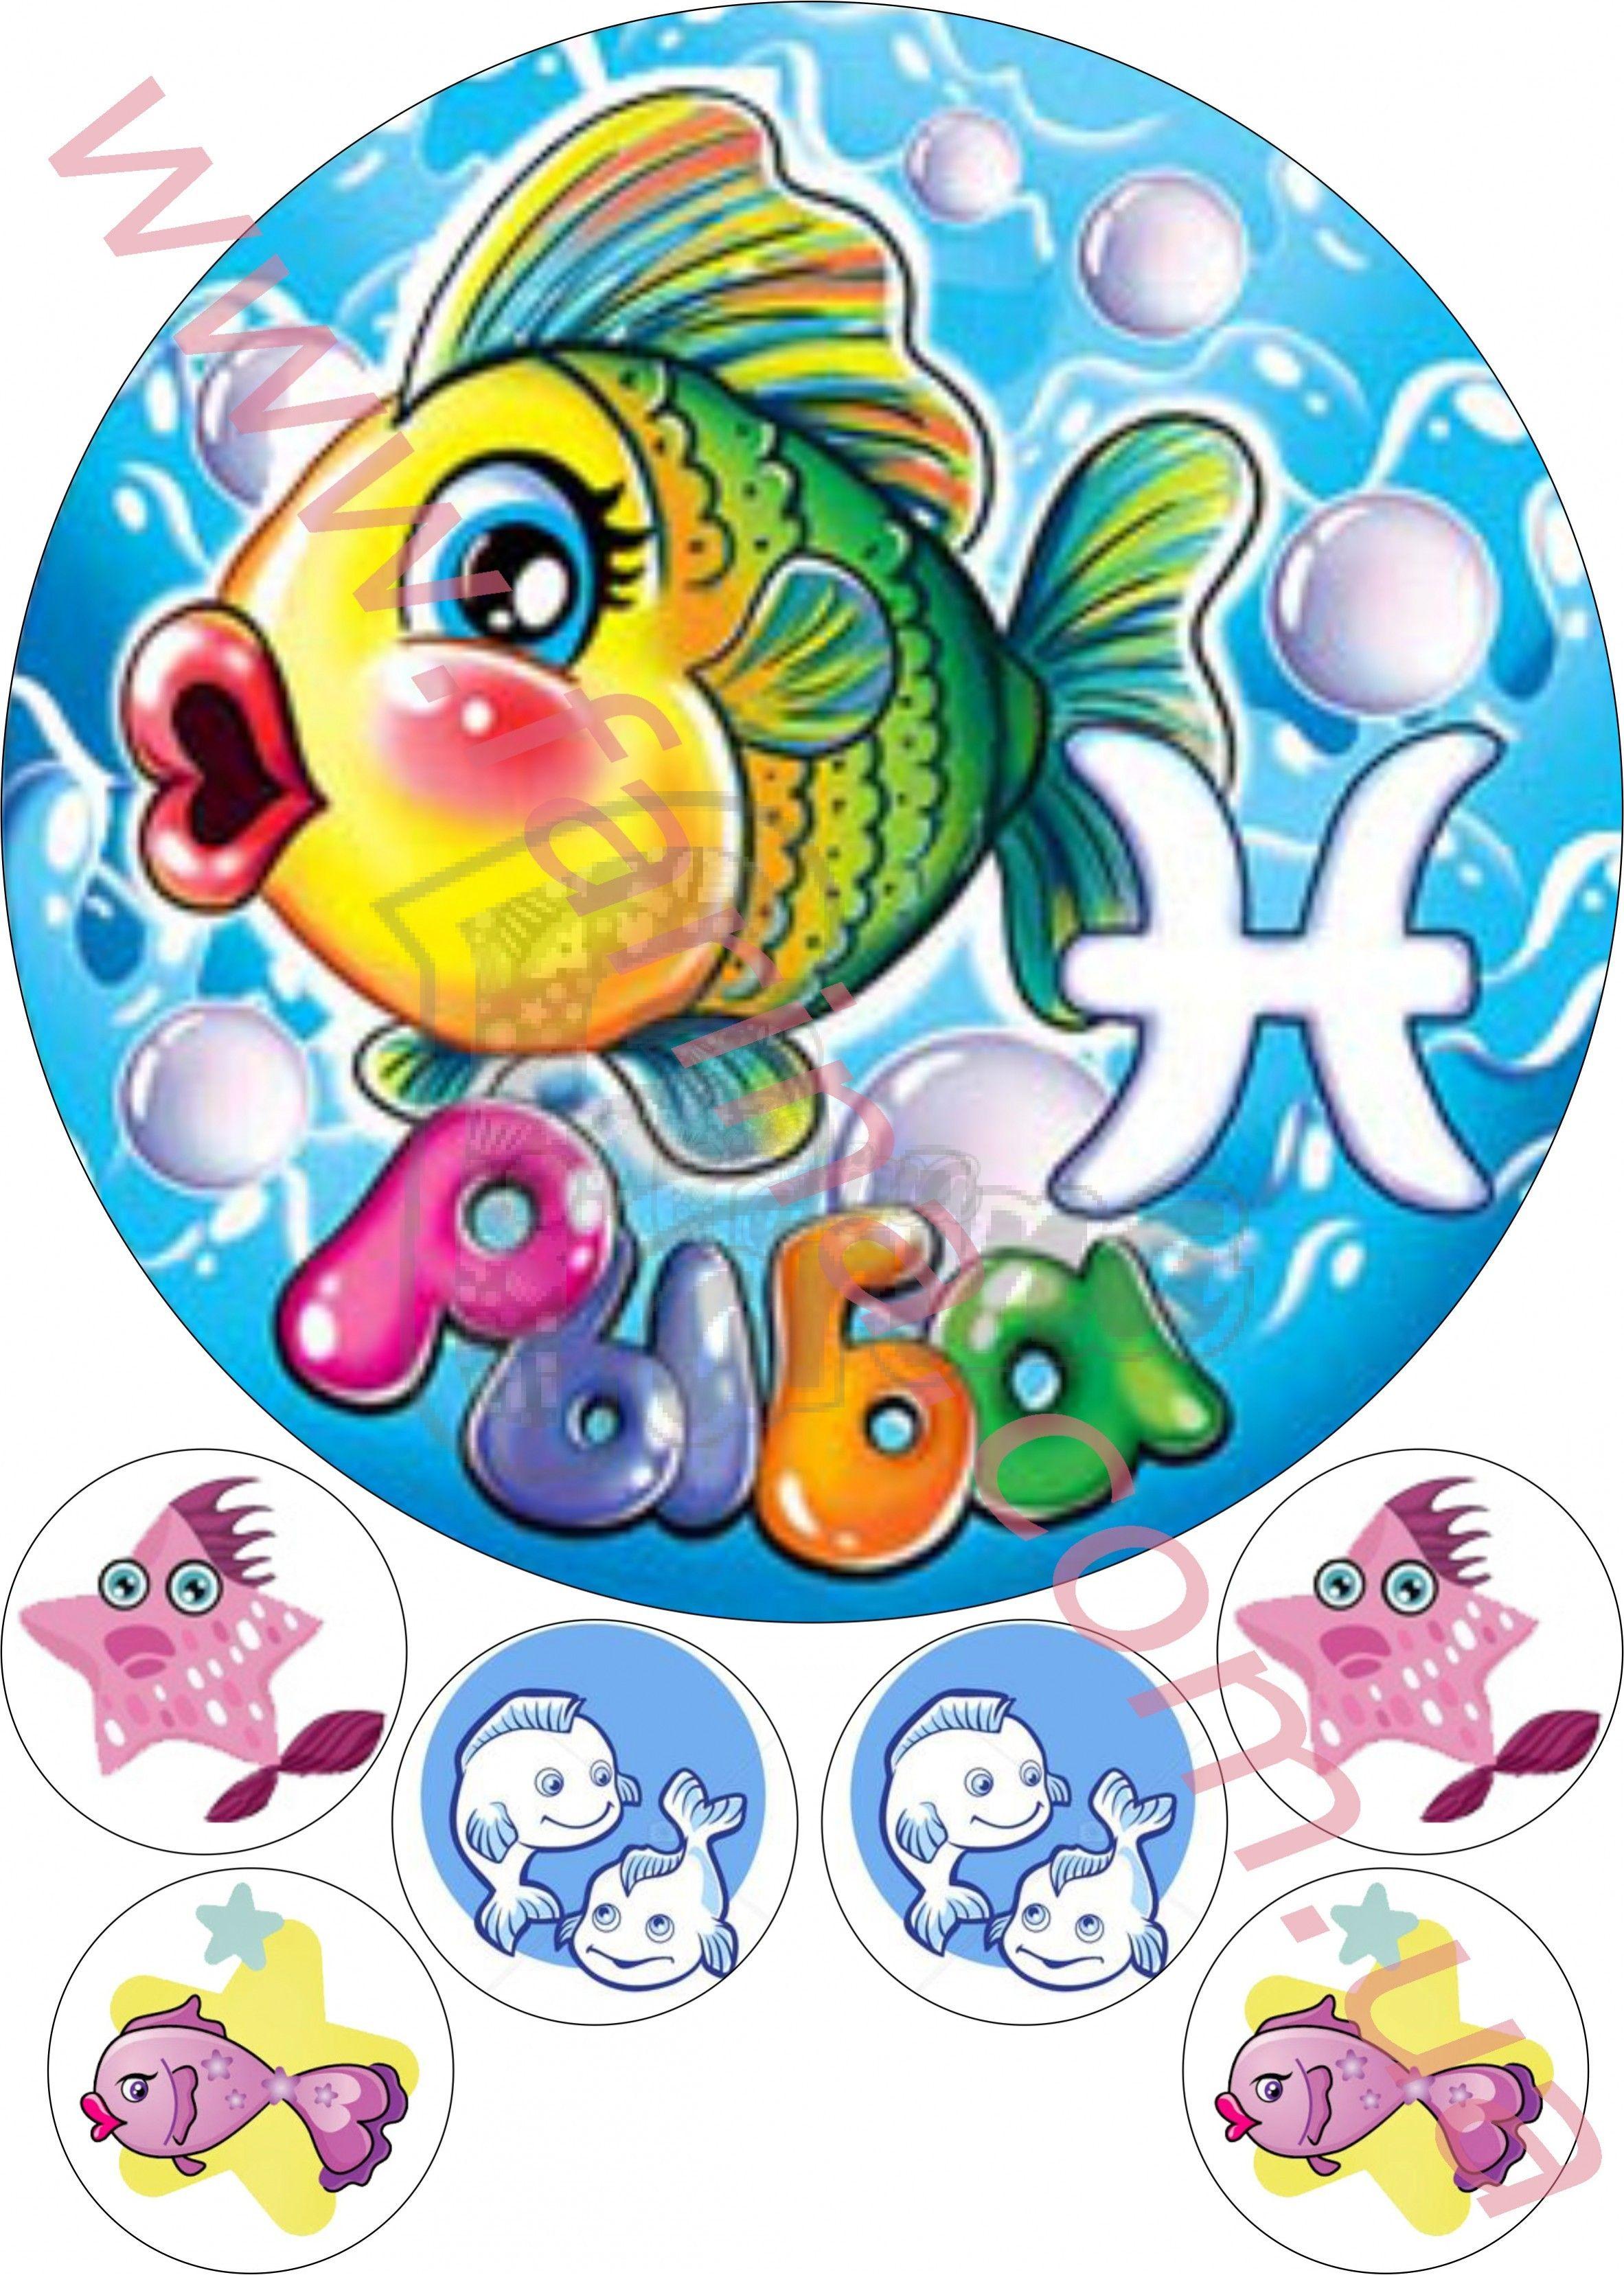 Знака зодиака рыбы картинки прикольные